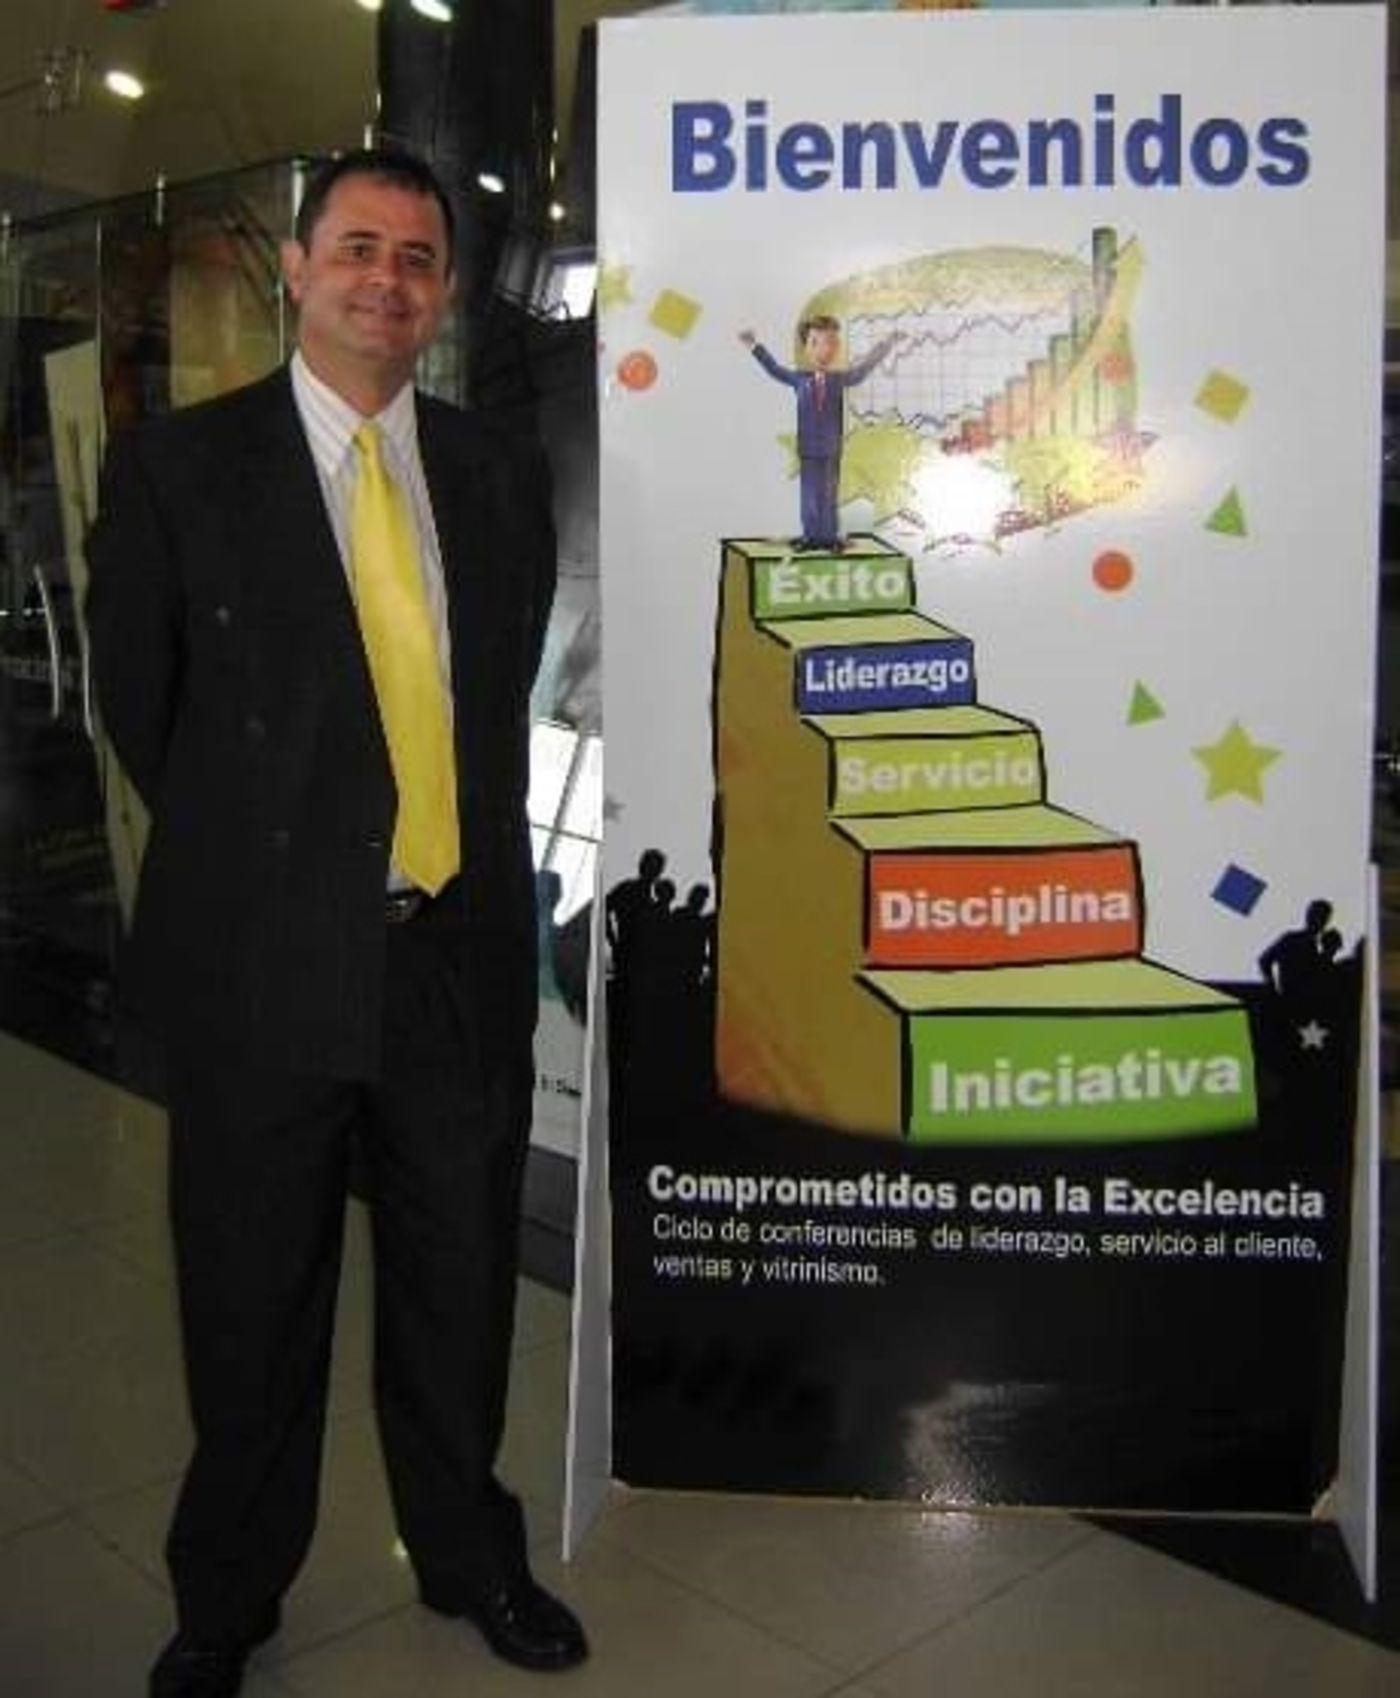 APLICACIONES (Apps) GAMIFICADAS para procesos de formación, desarrollo de competencias y cultura organizacional en GRANDES COMPAÑÍAS DE LATAM